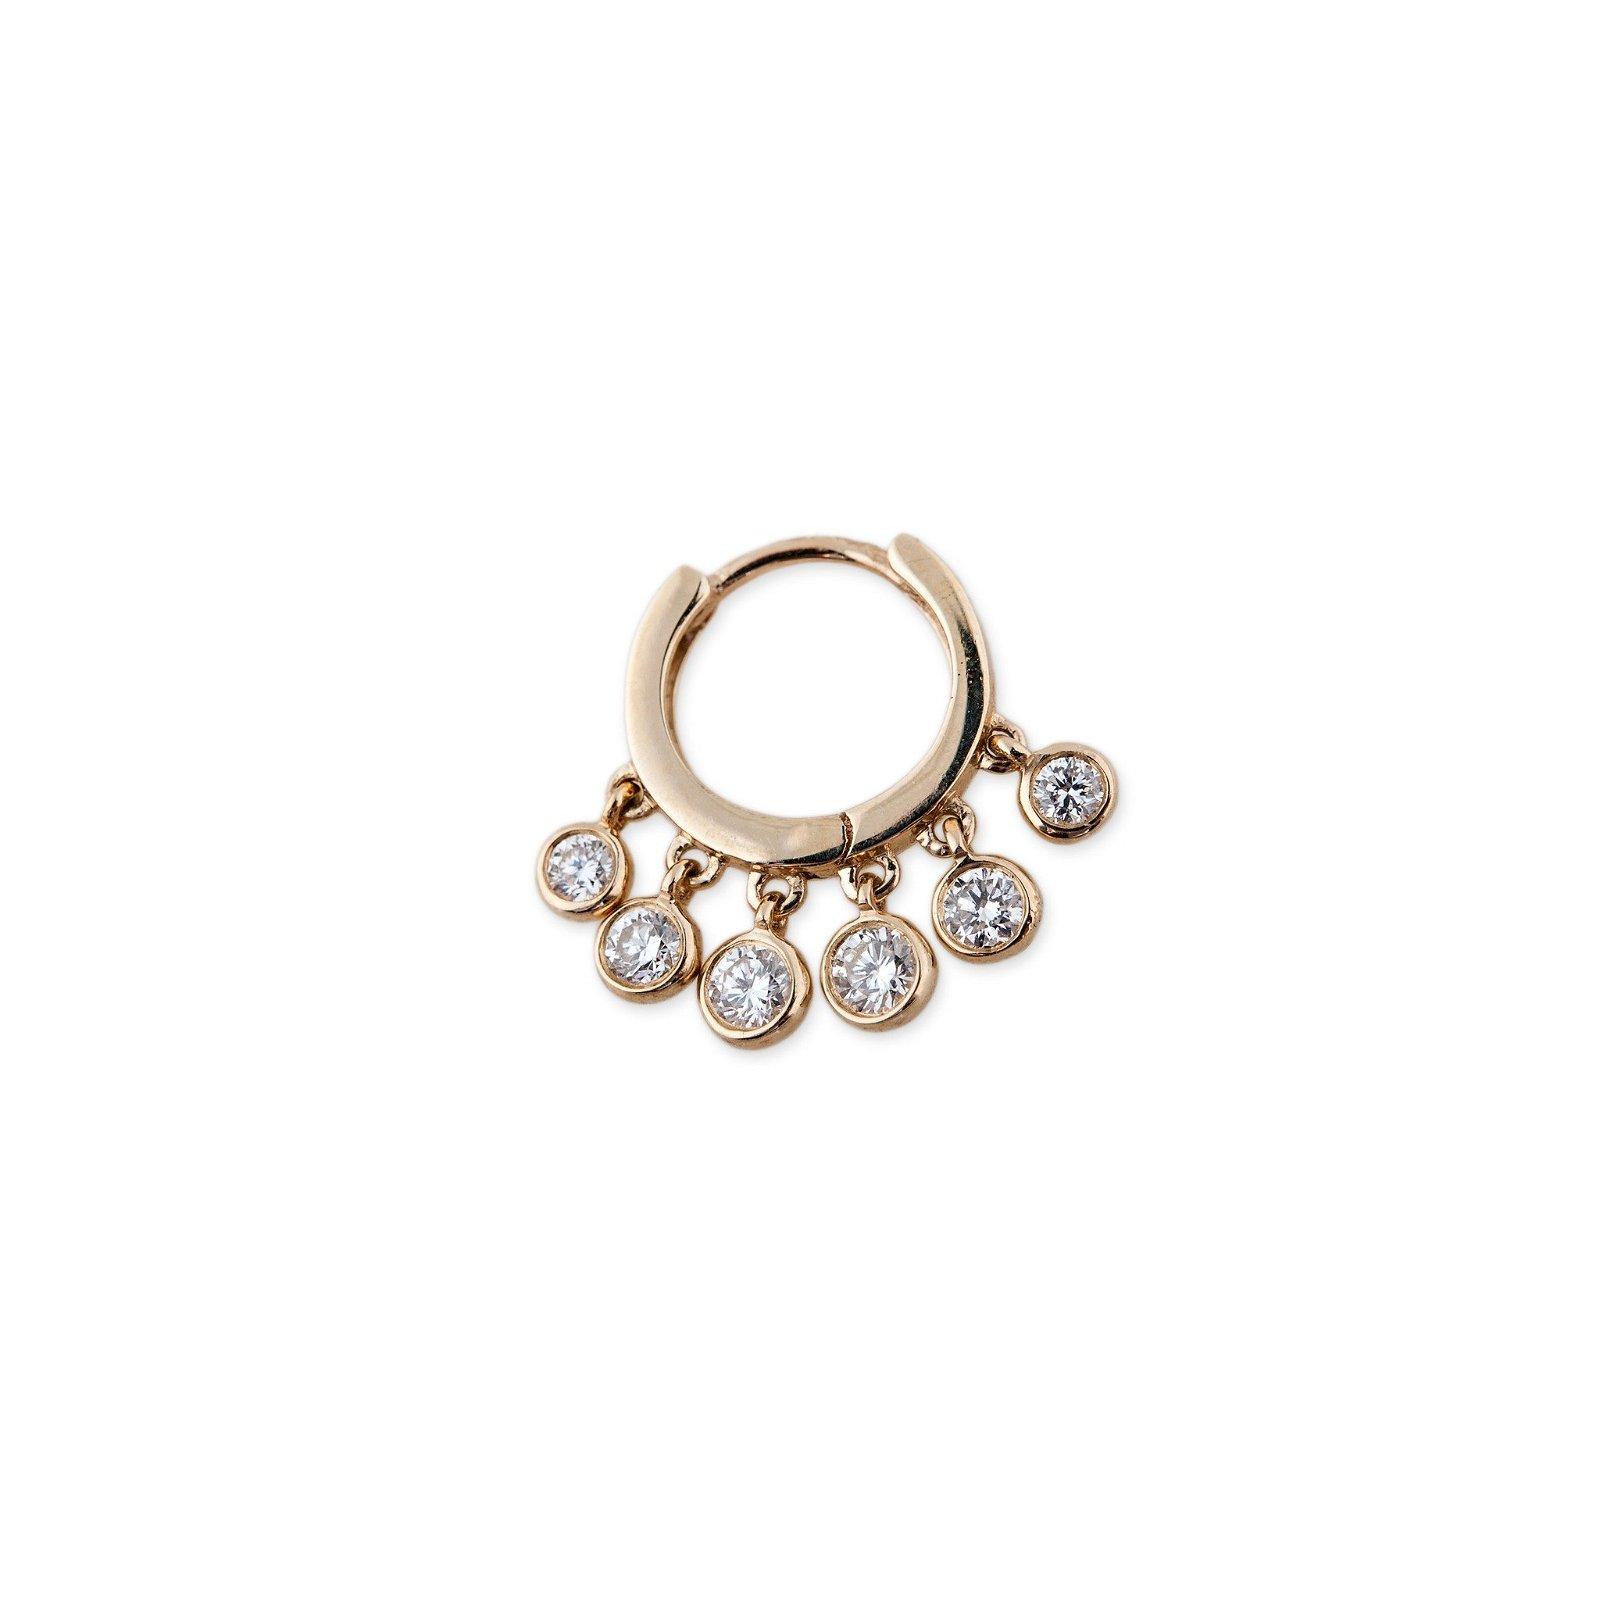 Image of DIAMOND MINI SHAKER HOOP